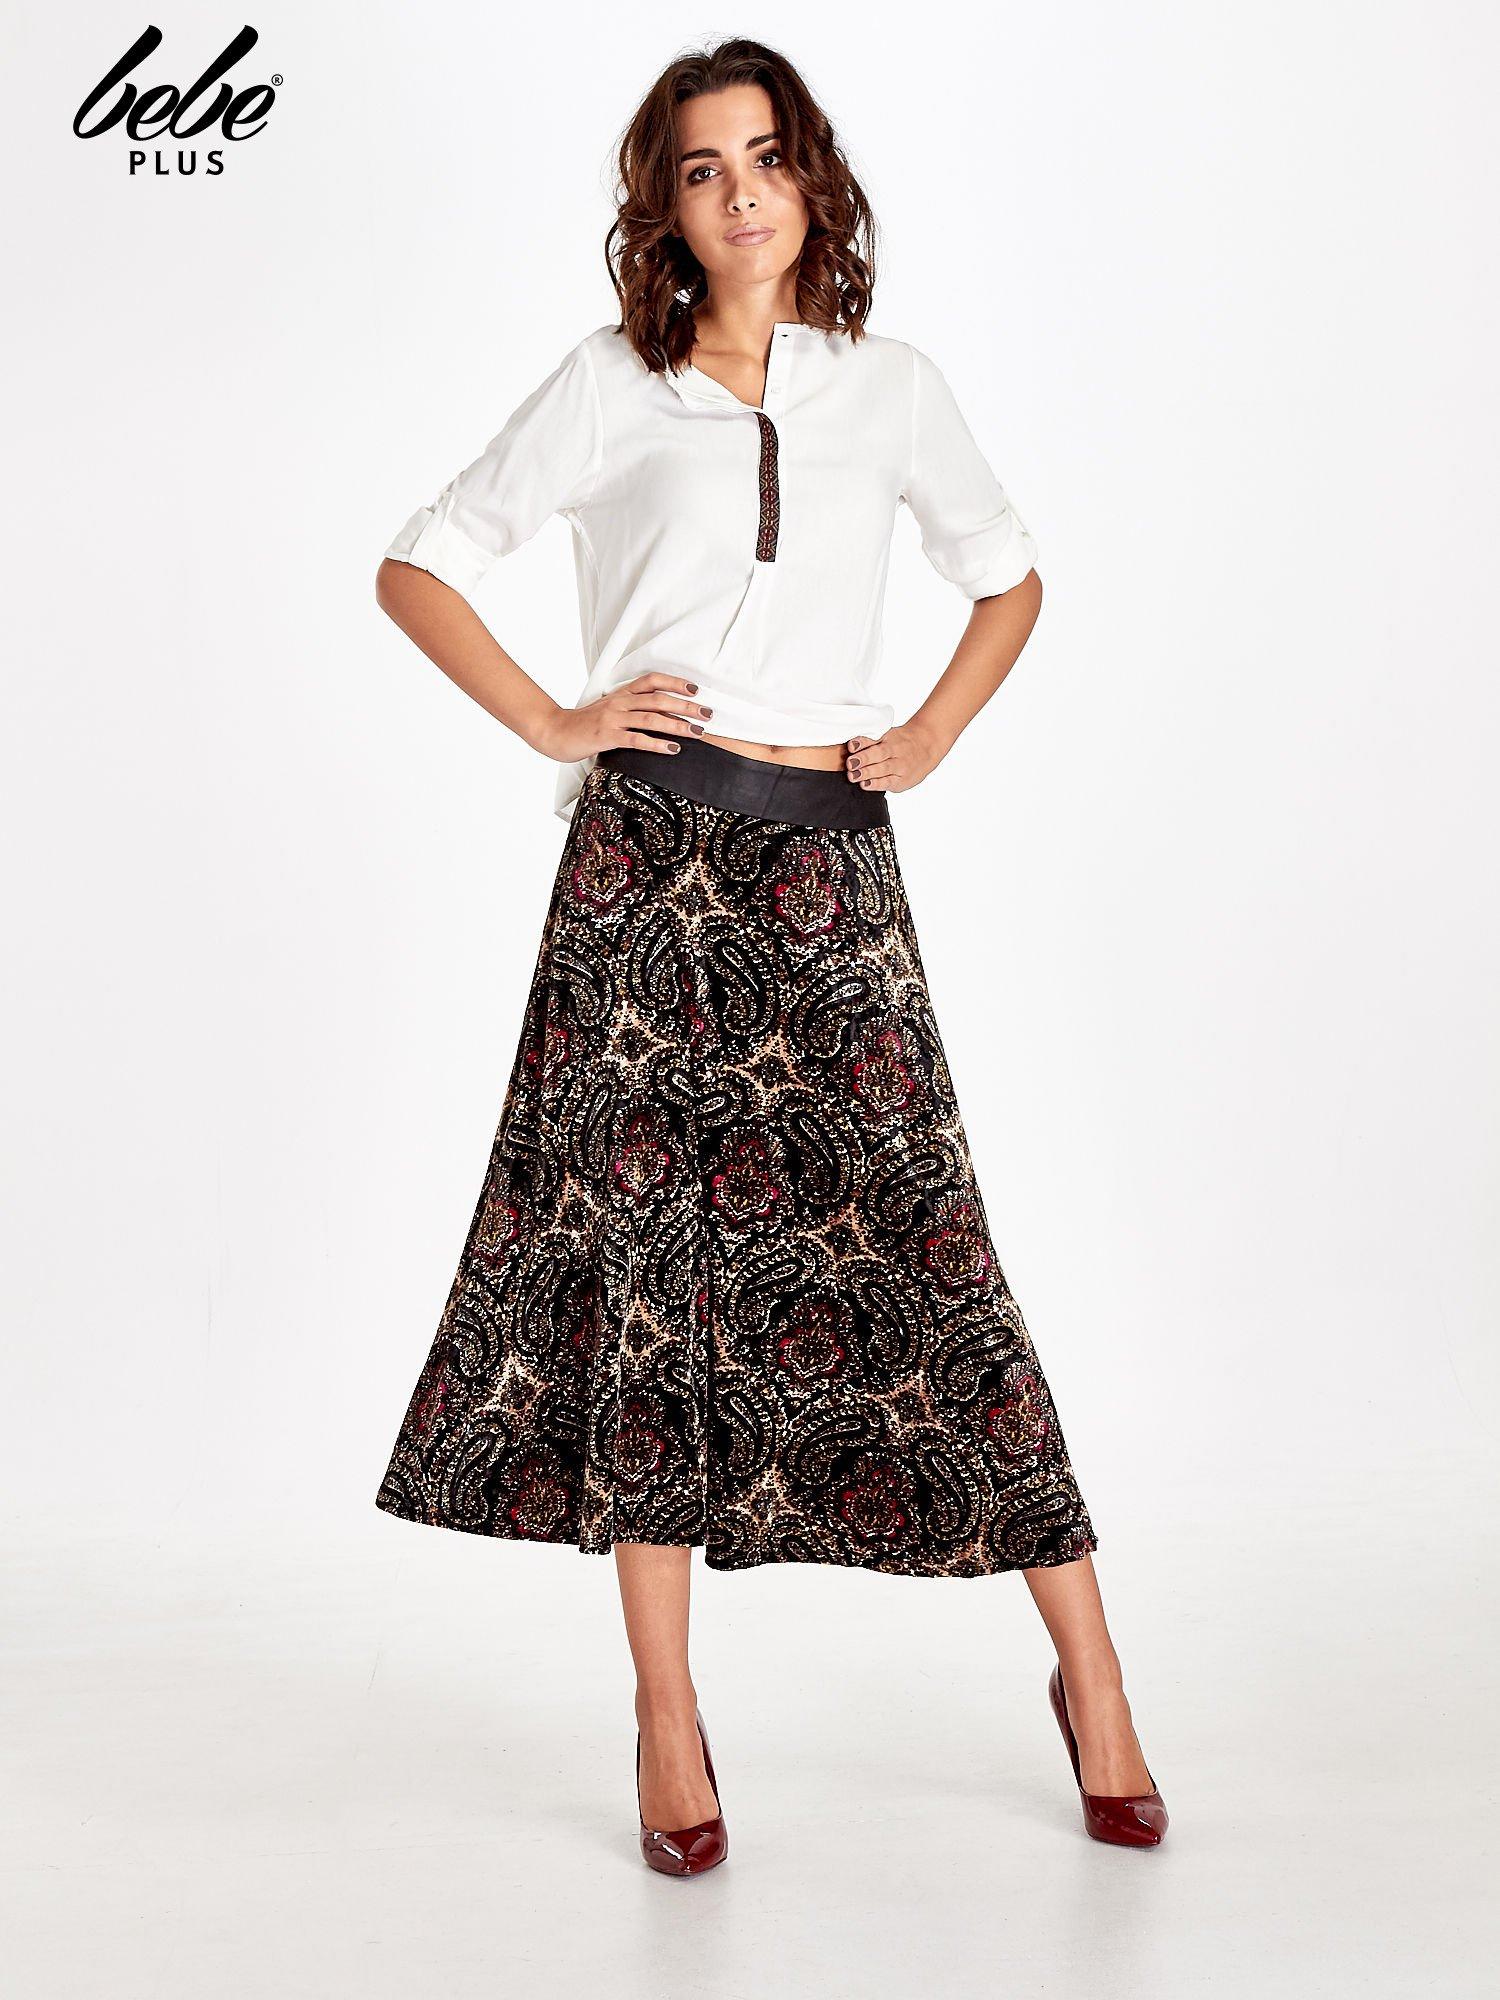 Czarna spódnica midi z nadrukiem ornamentowym                                  zdj.                                  2